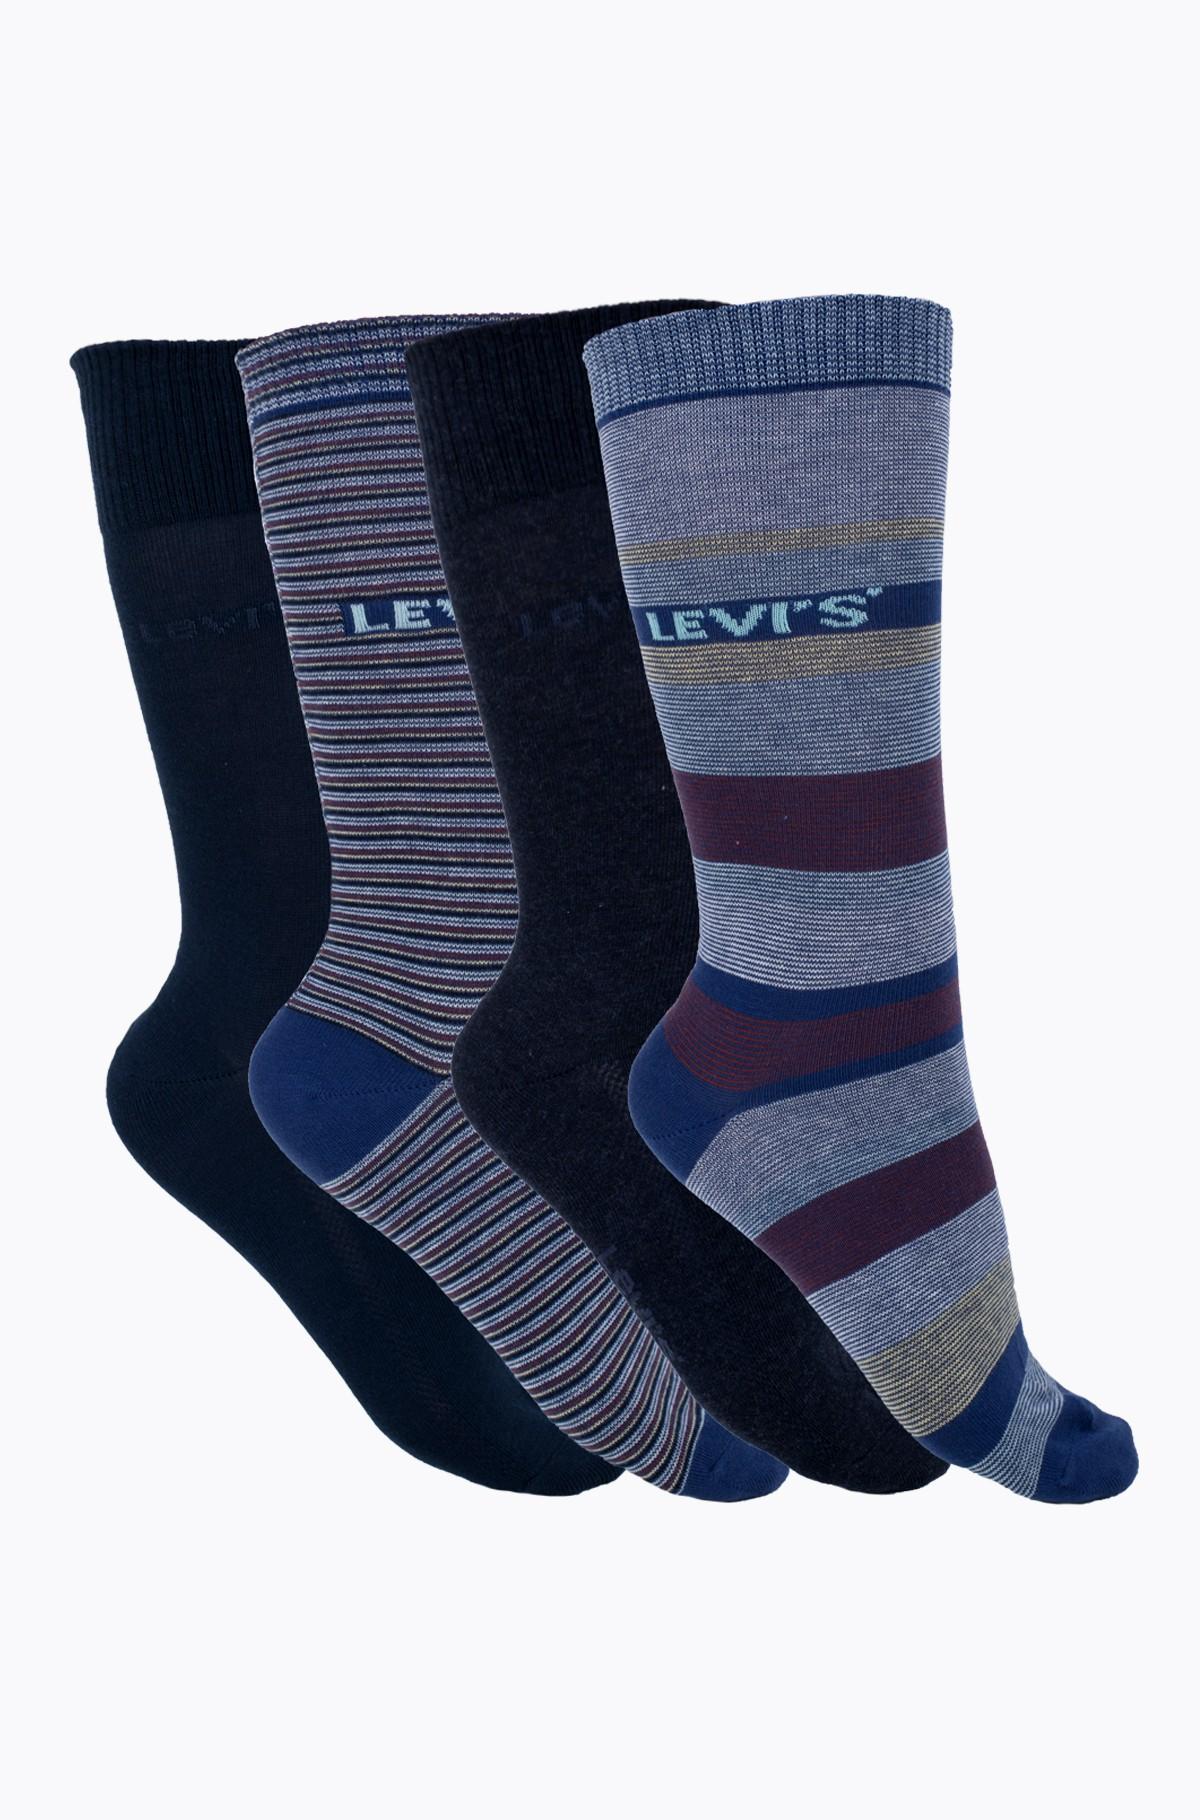 Sokid kinkekarbis 100000606-001-full-1